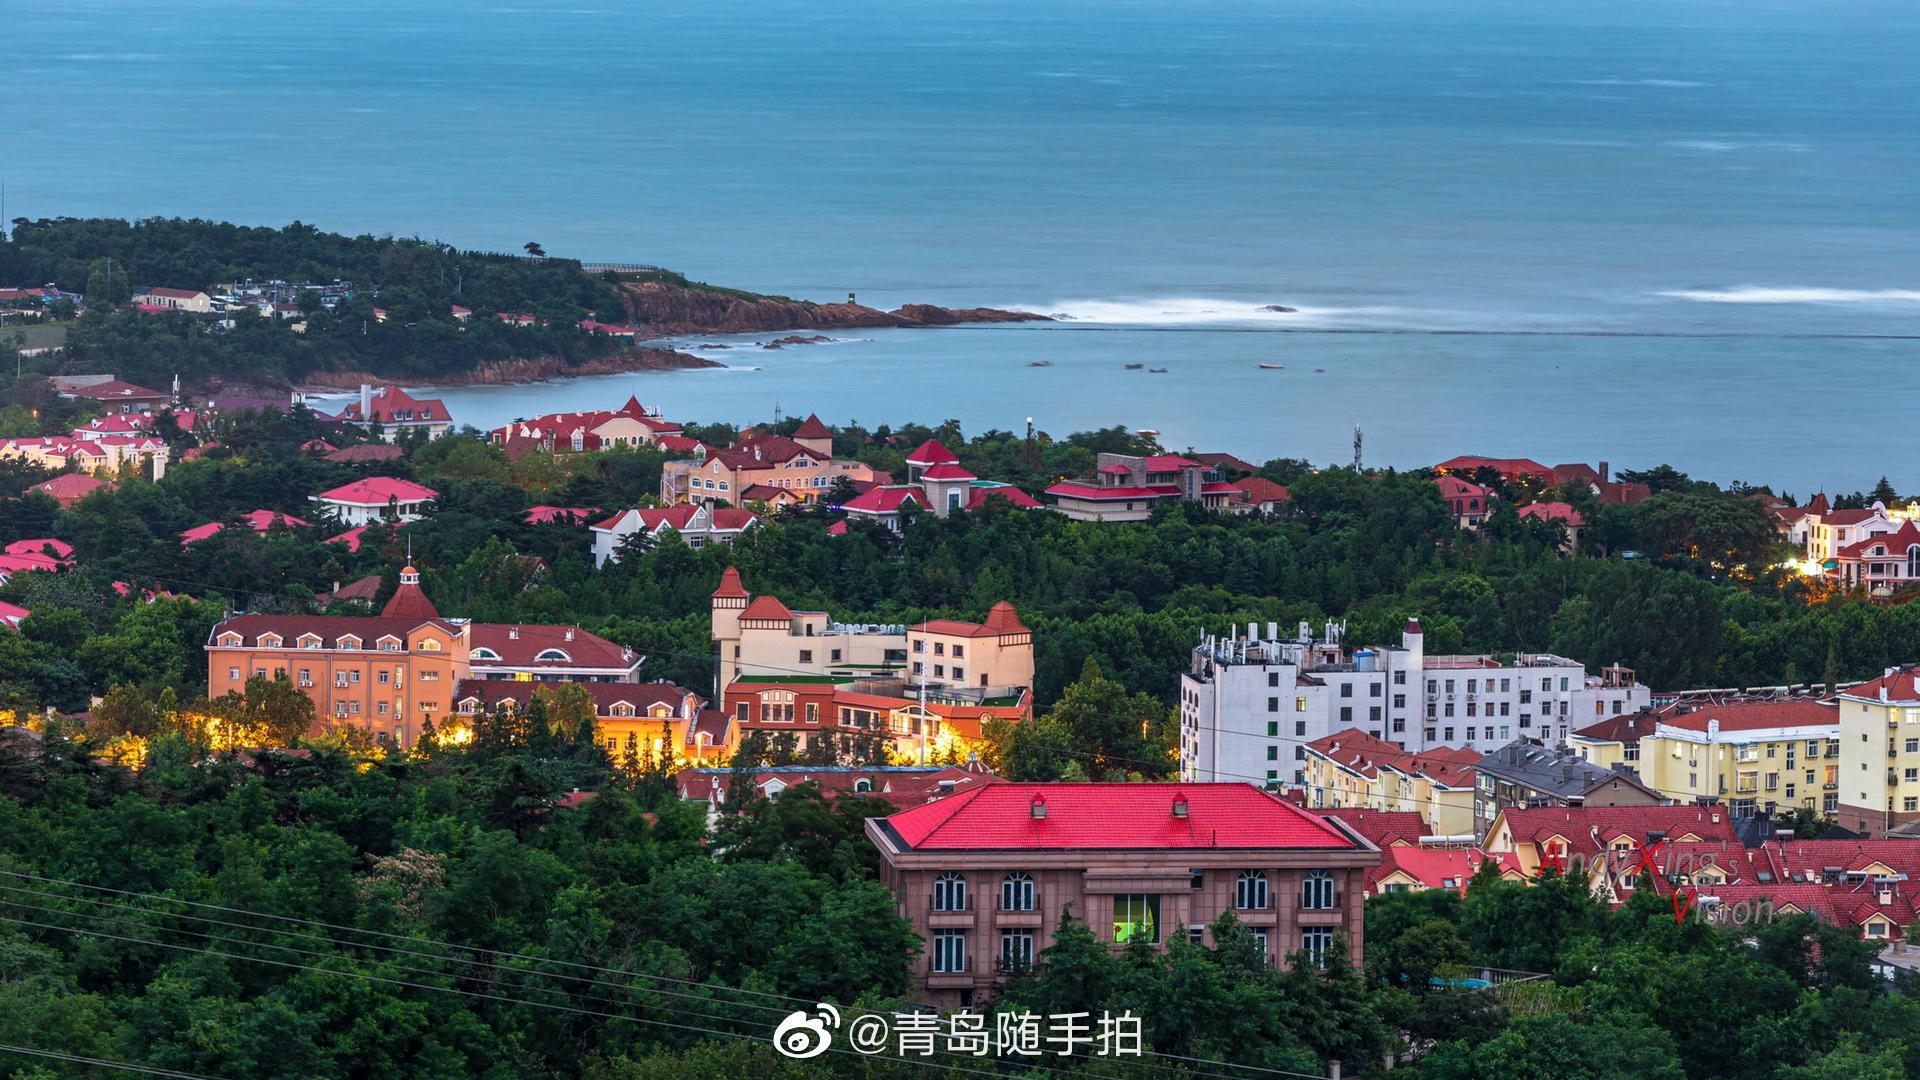 黄海之滨,山海之城,红瓦绿树,碧海蓝天,夜色撩人,流连忘返